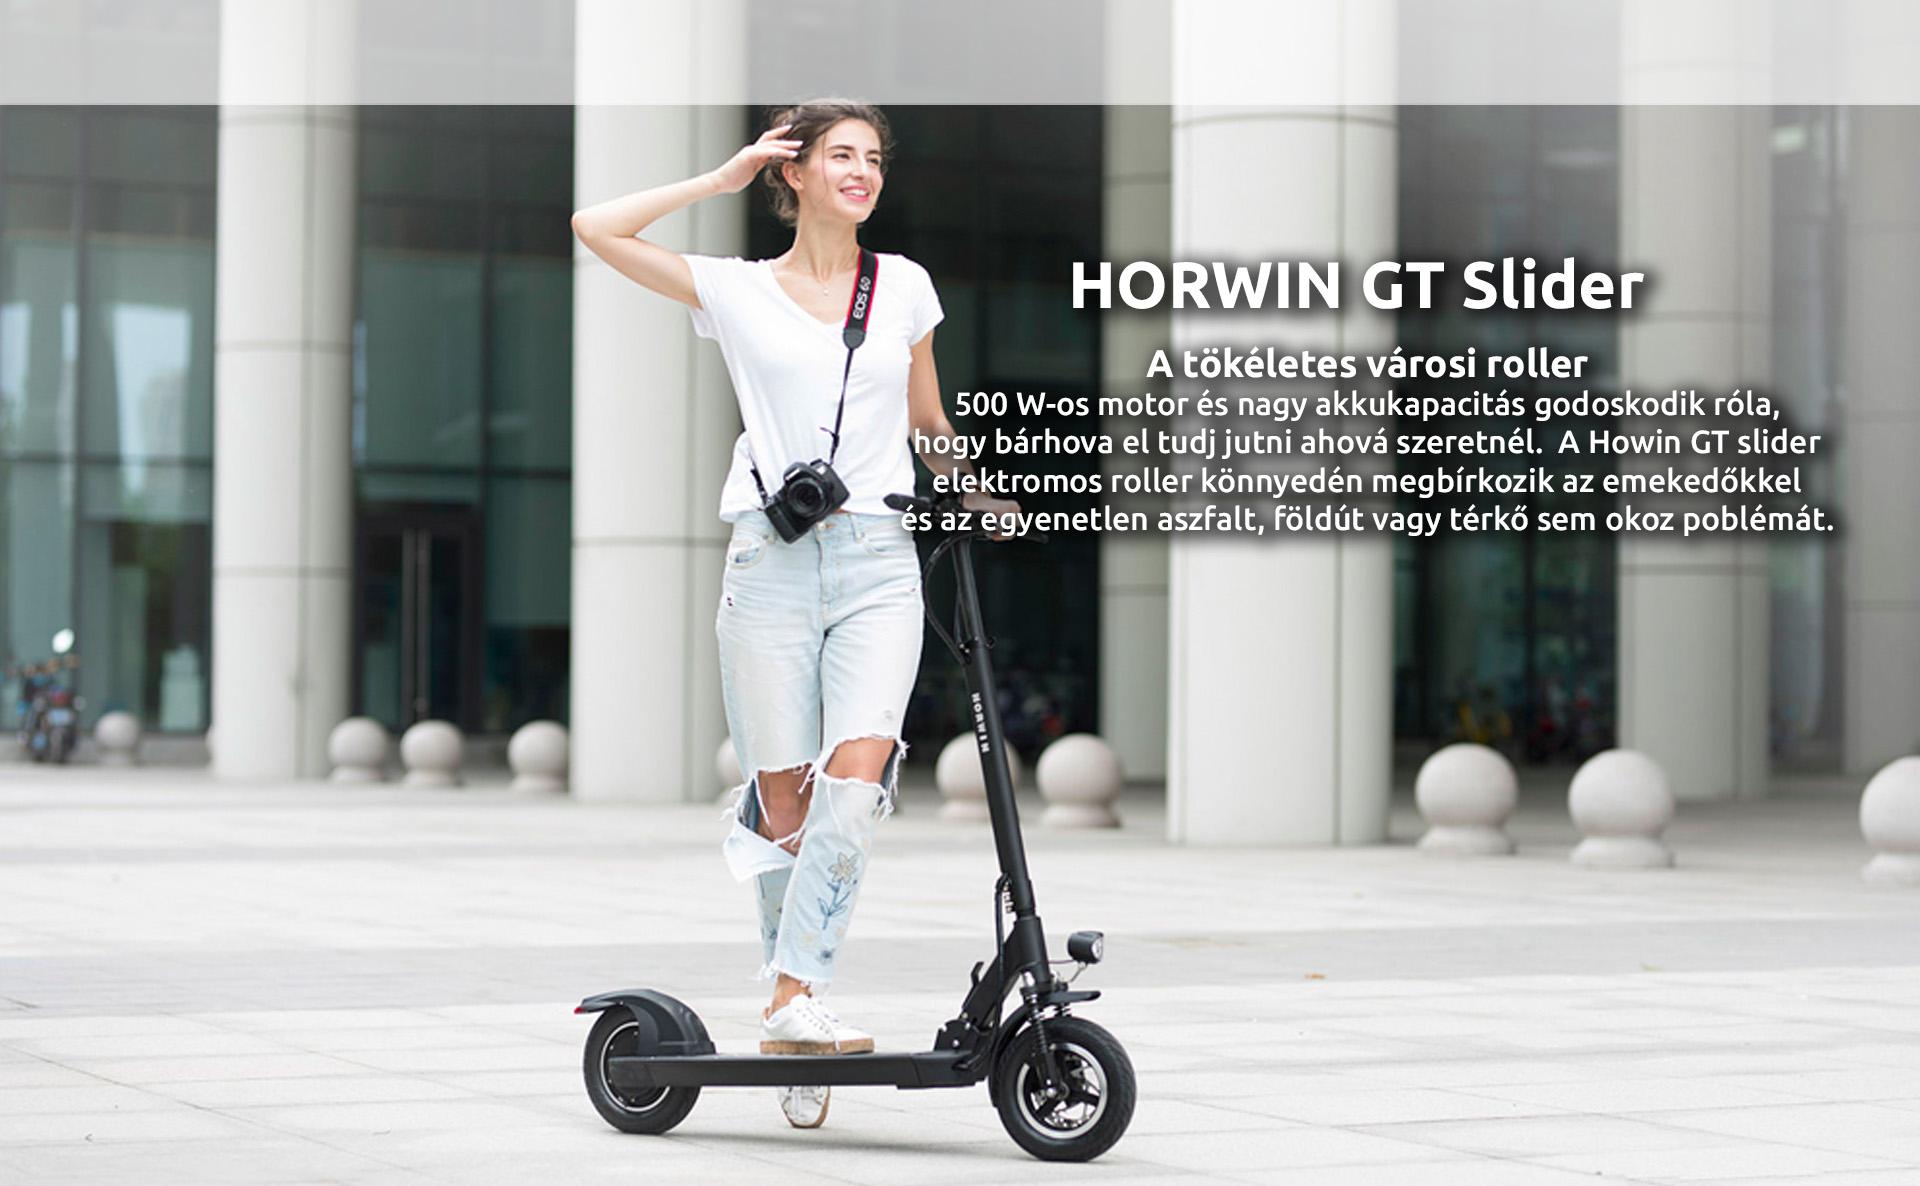 Horwin GT Slider